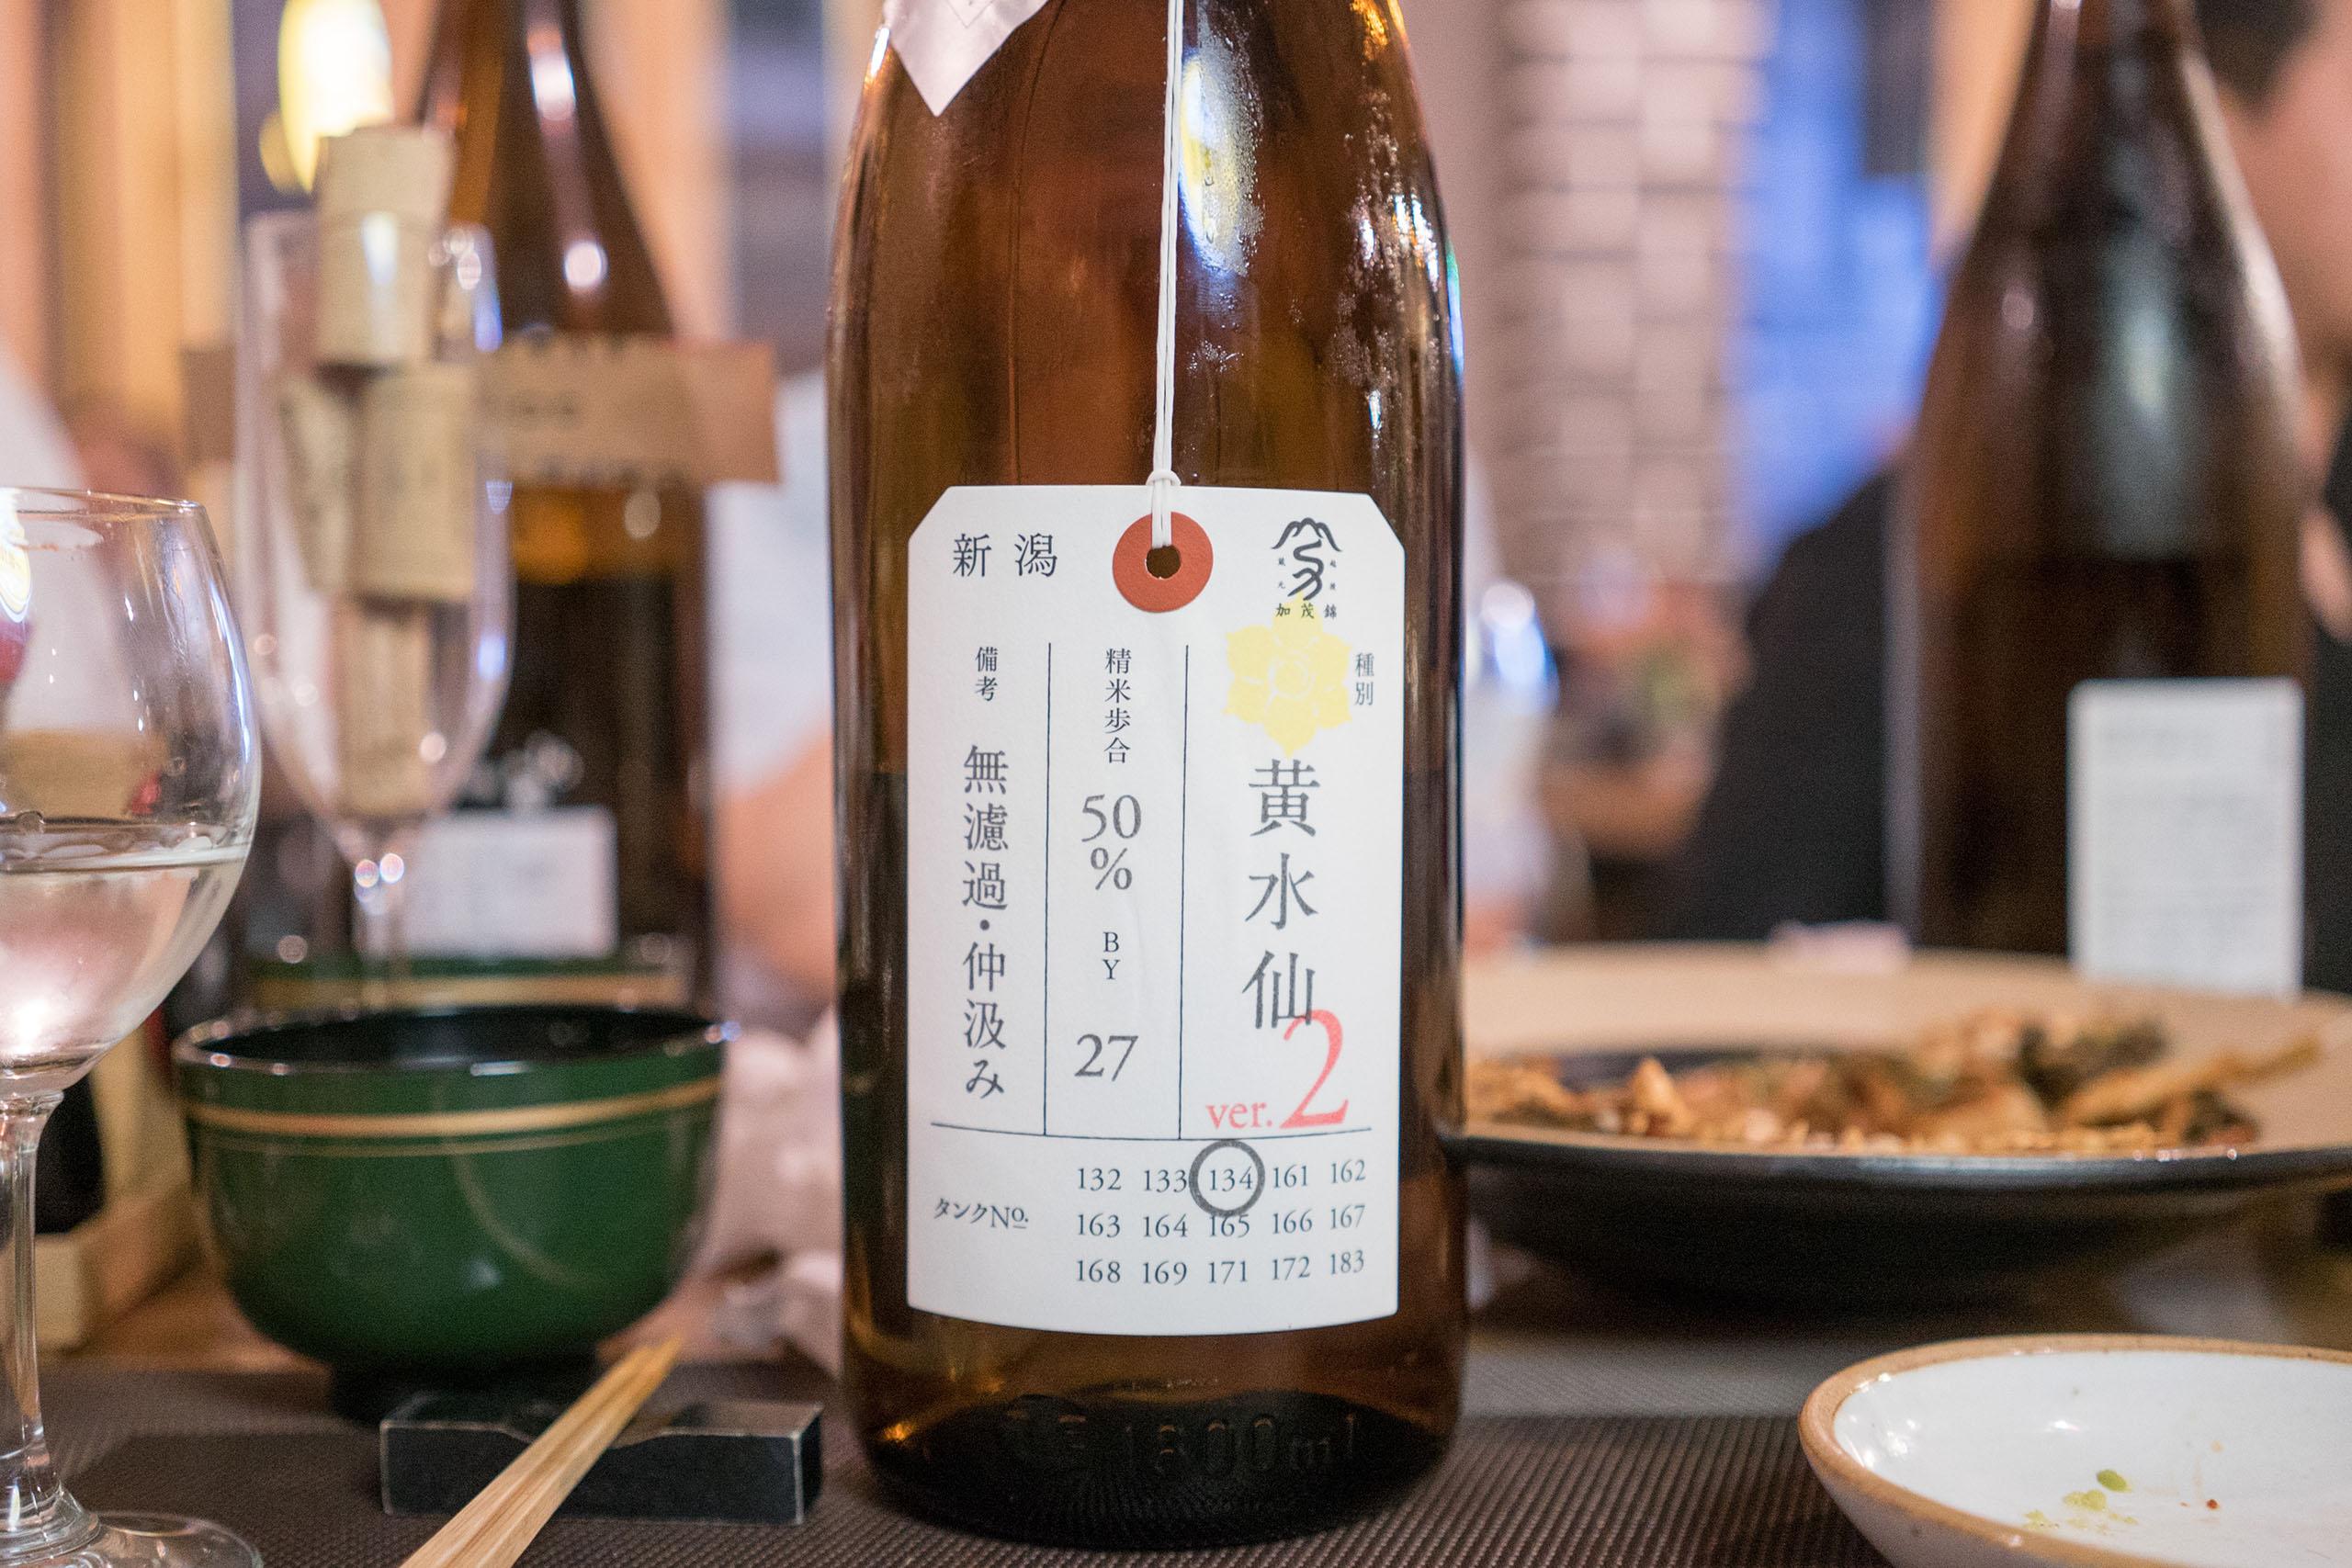 카모니시키 니후다자케 키스이센 쥰마이다이긴죠 나마겐슈 Ver.2